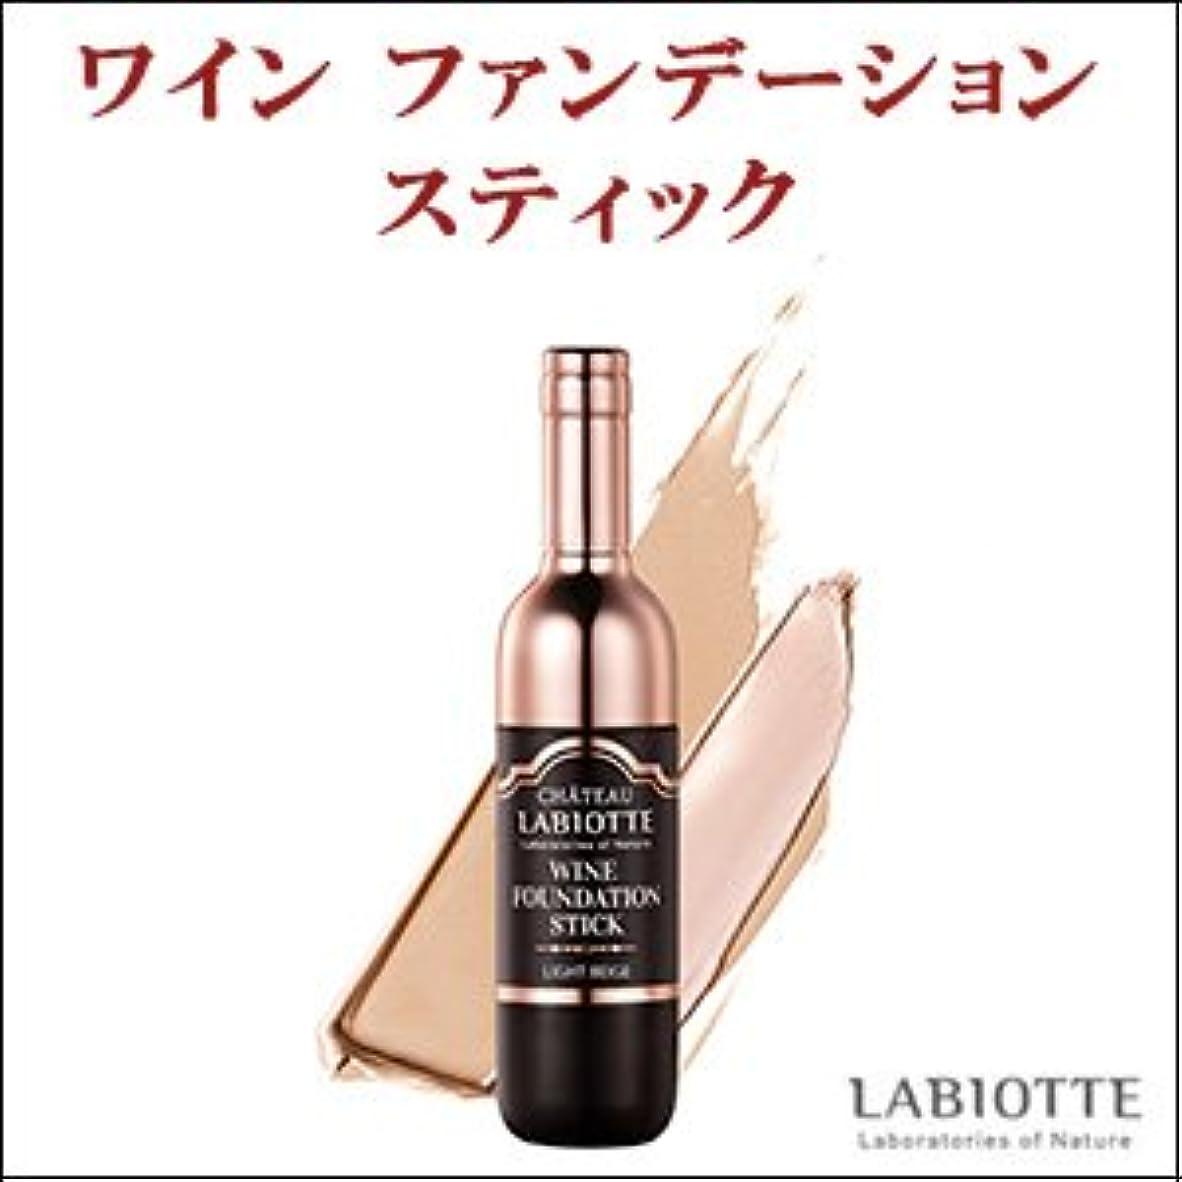 続ける自己男やもめLABIOTTE シャトー ラビオッテ ワイン ファンデーション スティック カラー:P21 ピンクベージュ